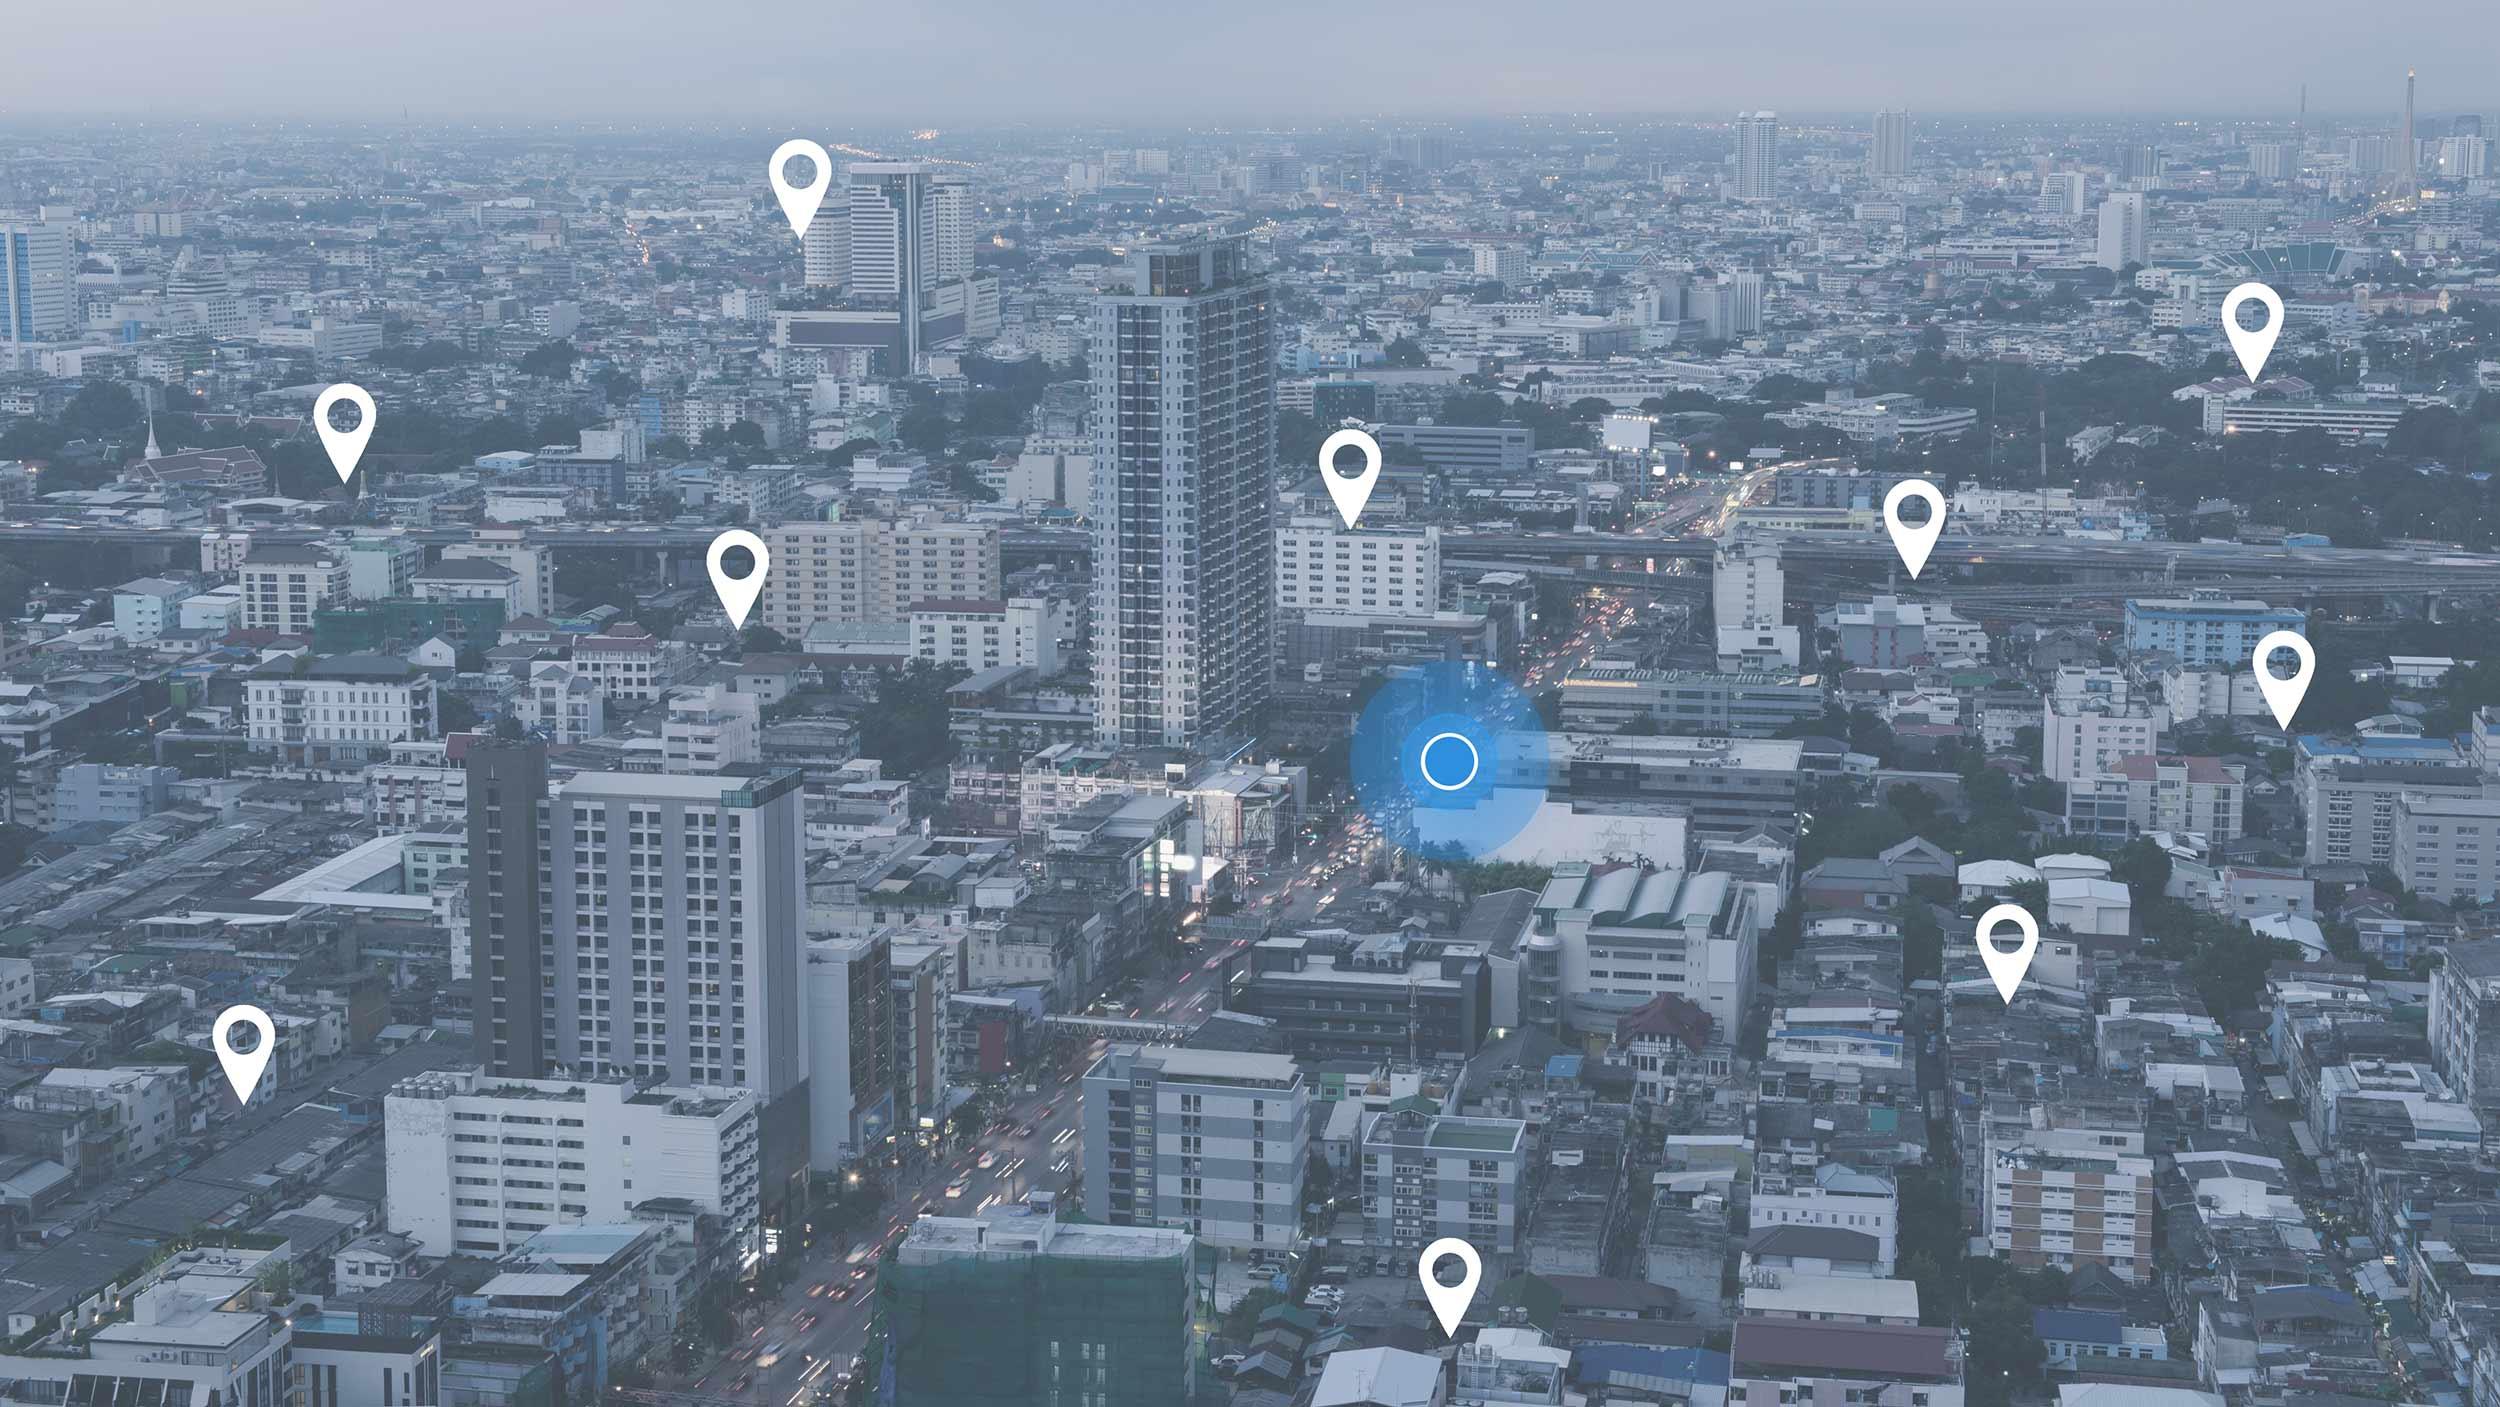 SD-WAN: Software-defined Wide Area Network – eine softwaredefinierte Architektur, um IT-Anwendungen sicher und performant an verteilten Standorten bereitzustellen.